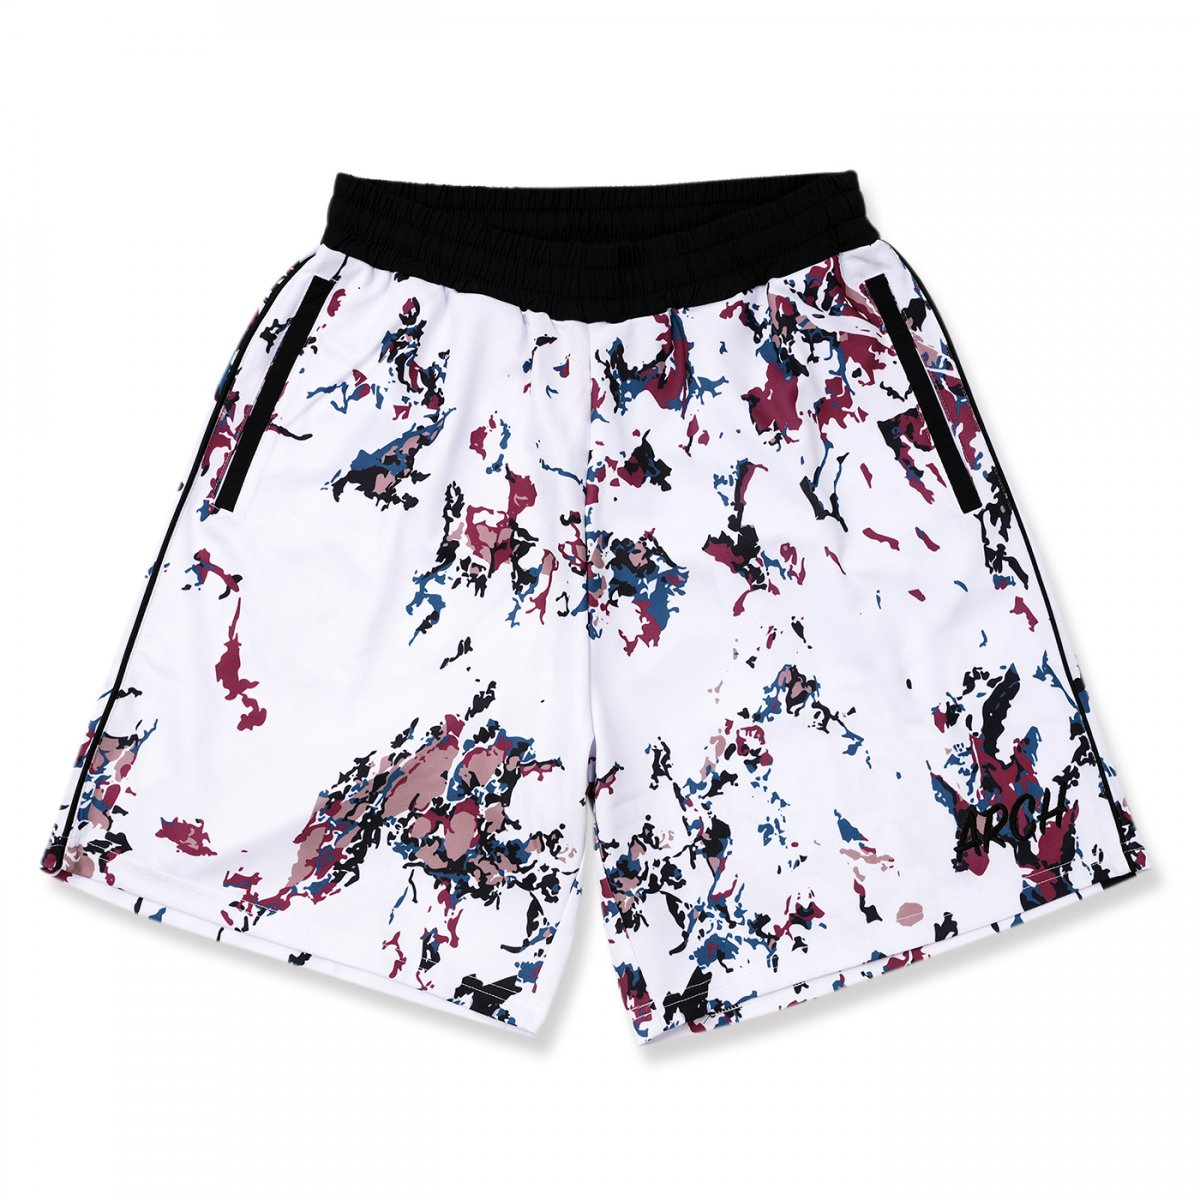 marbling shorts 【white】